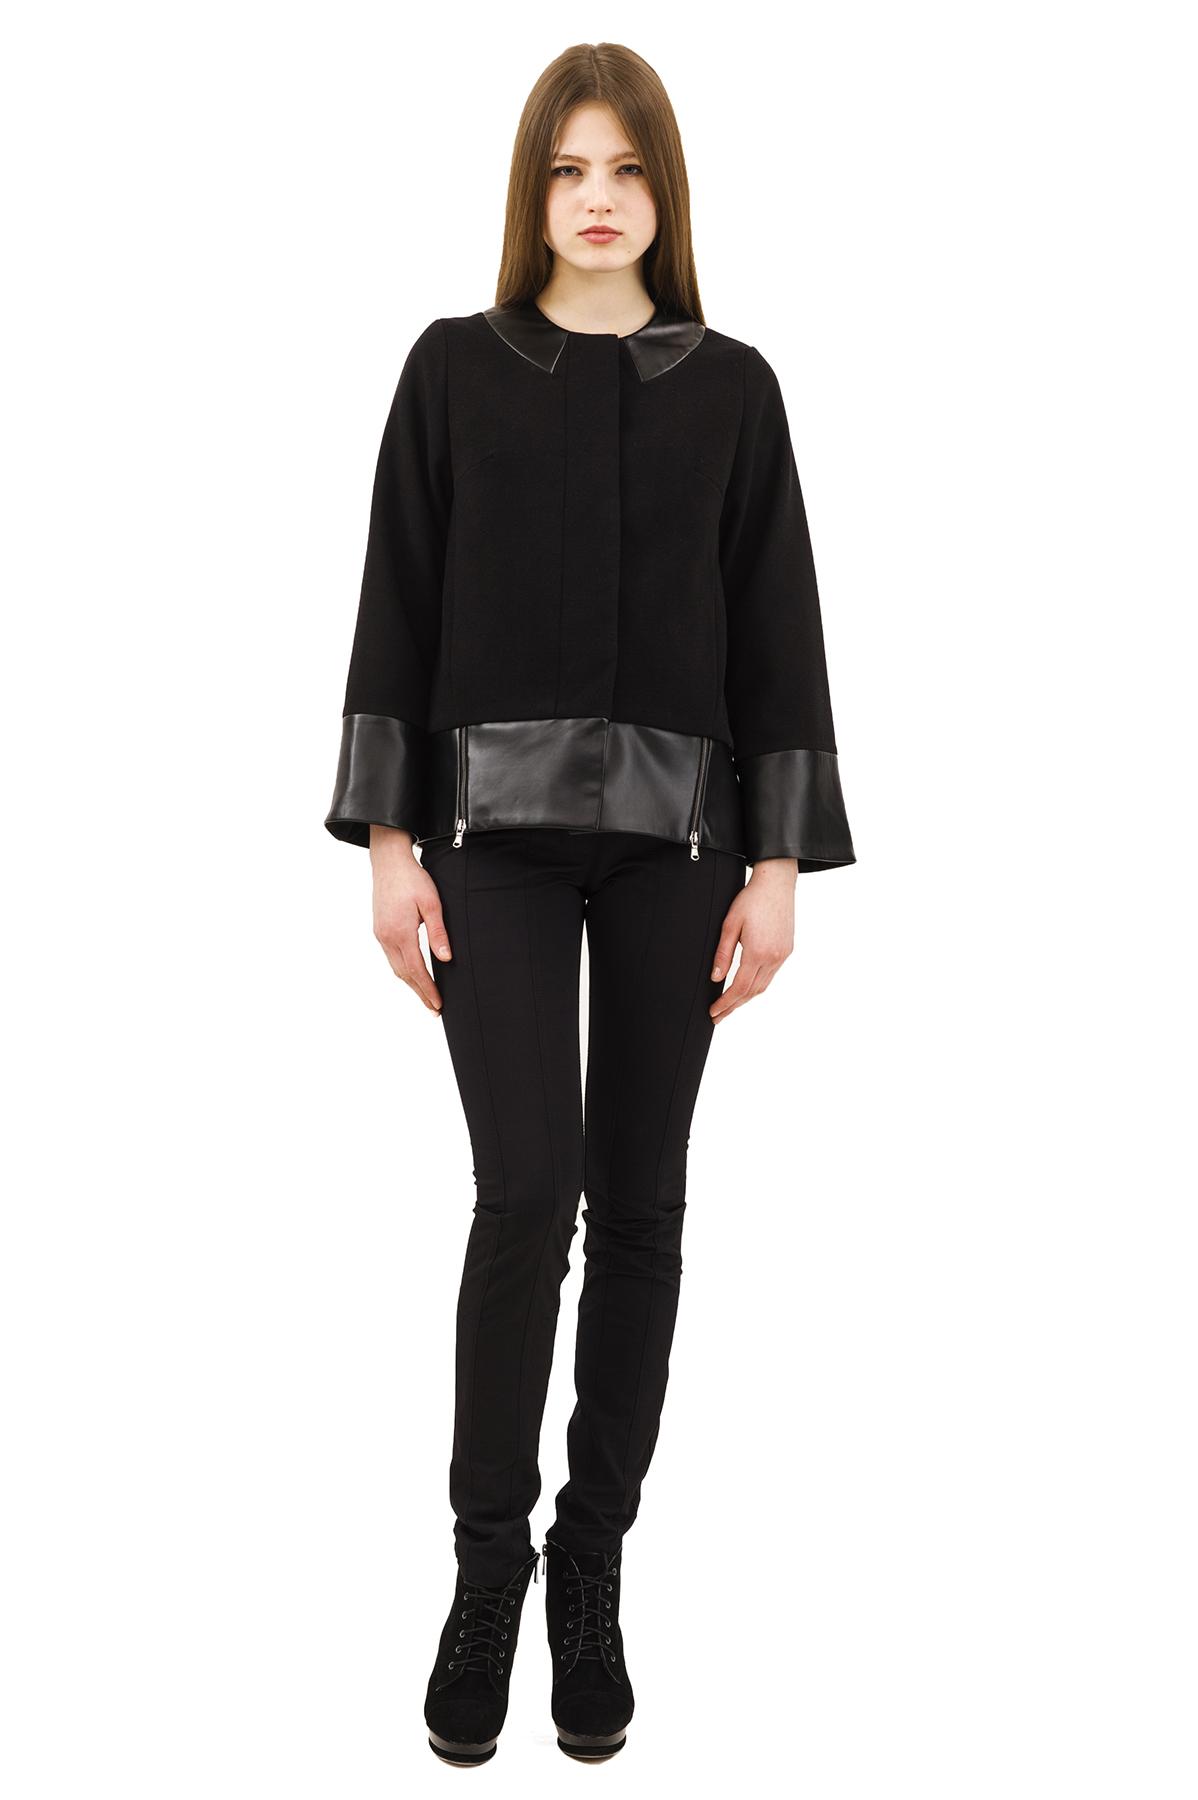 КурткаЖенские куртки, плащи, пальто<br>Стильная куртка для современных жительниц мегаполиса. Выполнена из высококачественного комфортного материала. Эта вещь станет идеальным вариантом для создания современного образа любой девушки.<br><br>Цвет: черный<br>Состав: 15% шерсть, 2%эластан, 18%вискоза ,65% полиэстер<br>Размер: 40,42,44,46,48,50,52,54,56,58<br>Страна дизайна: Россия<br>Страна производства: Россия